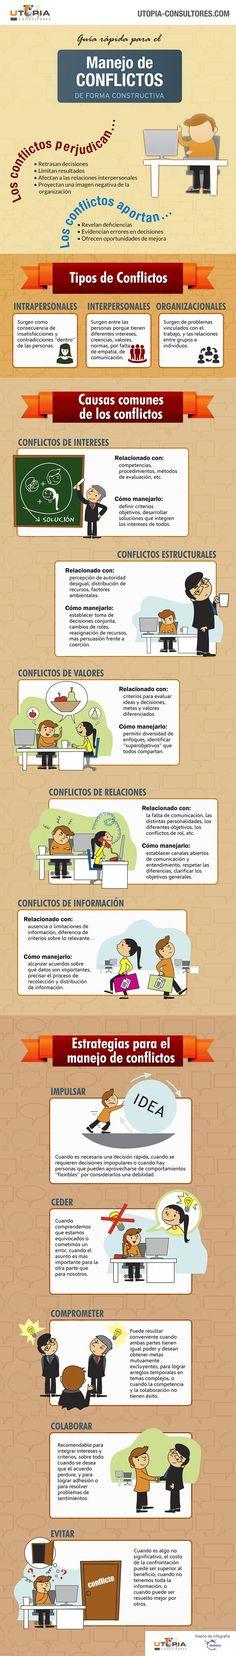 Infografía sobre el manejo de conflictos en el trabajo para una empresa de coaching